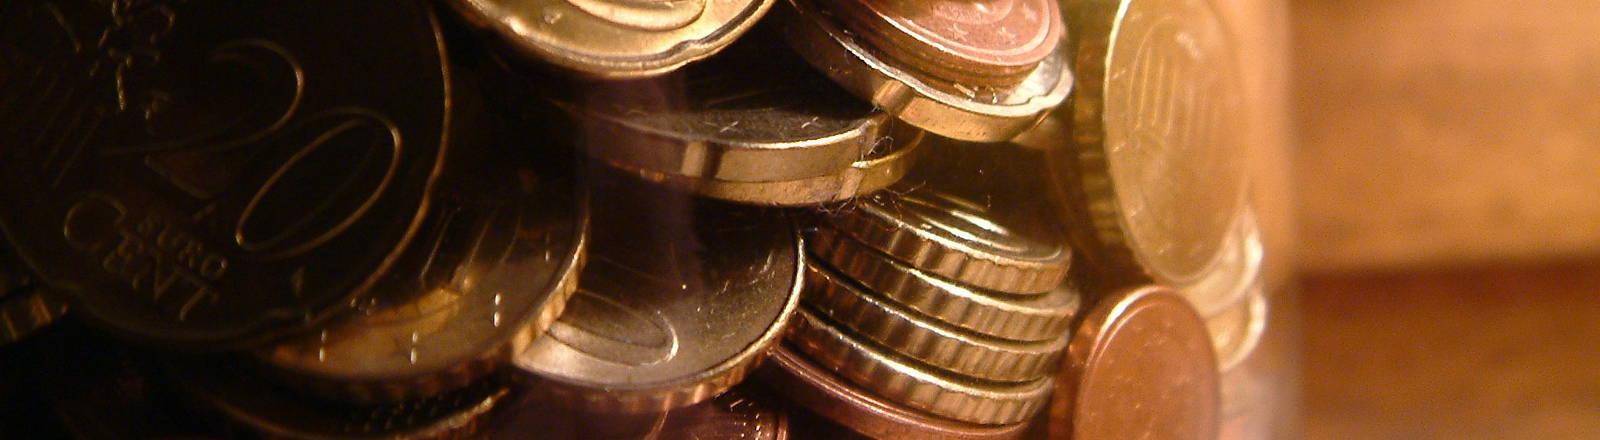 Ein Glas mit Münzen